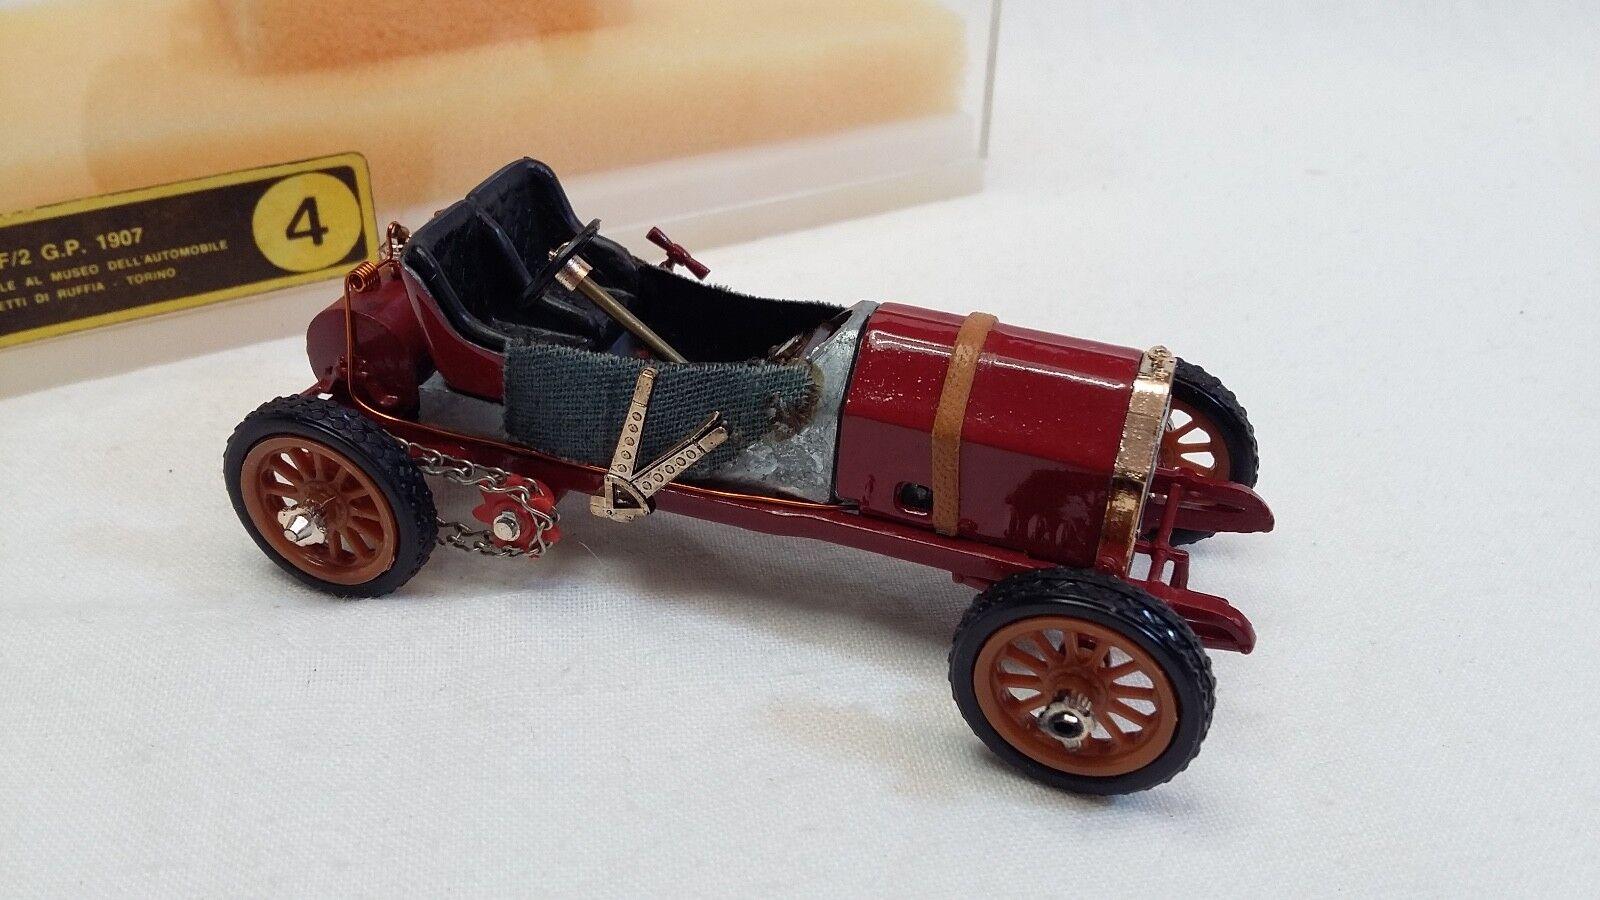 1 43 DUGU 4 FIAT - F2 F2 F2 GRAND PRIX 8e933d